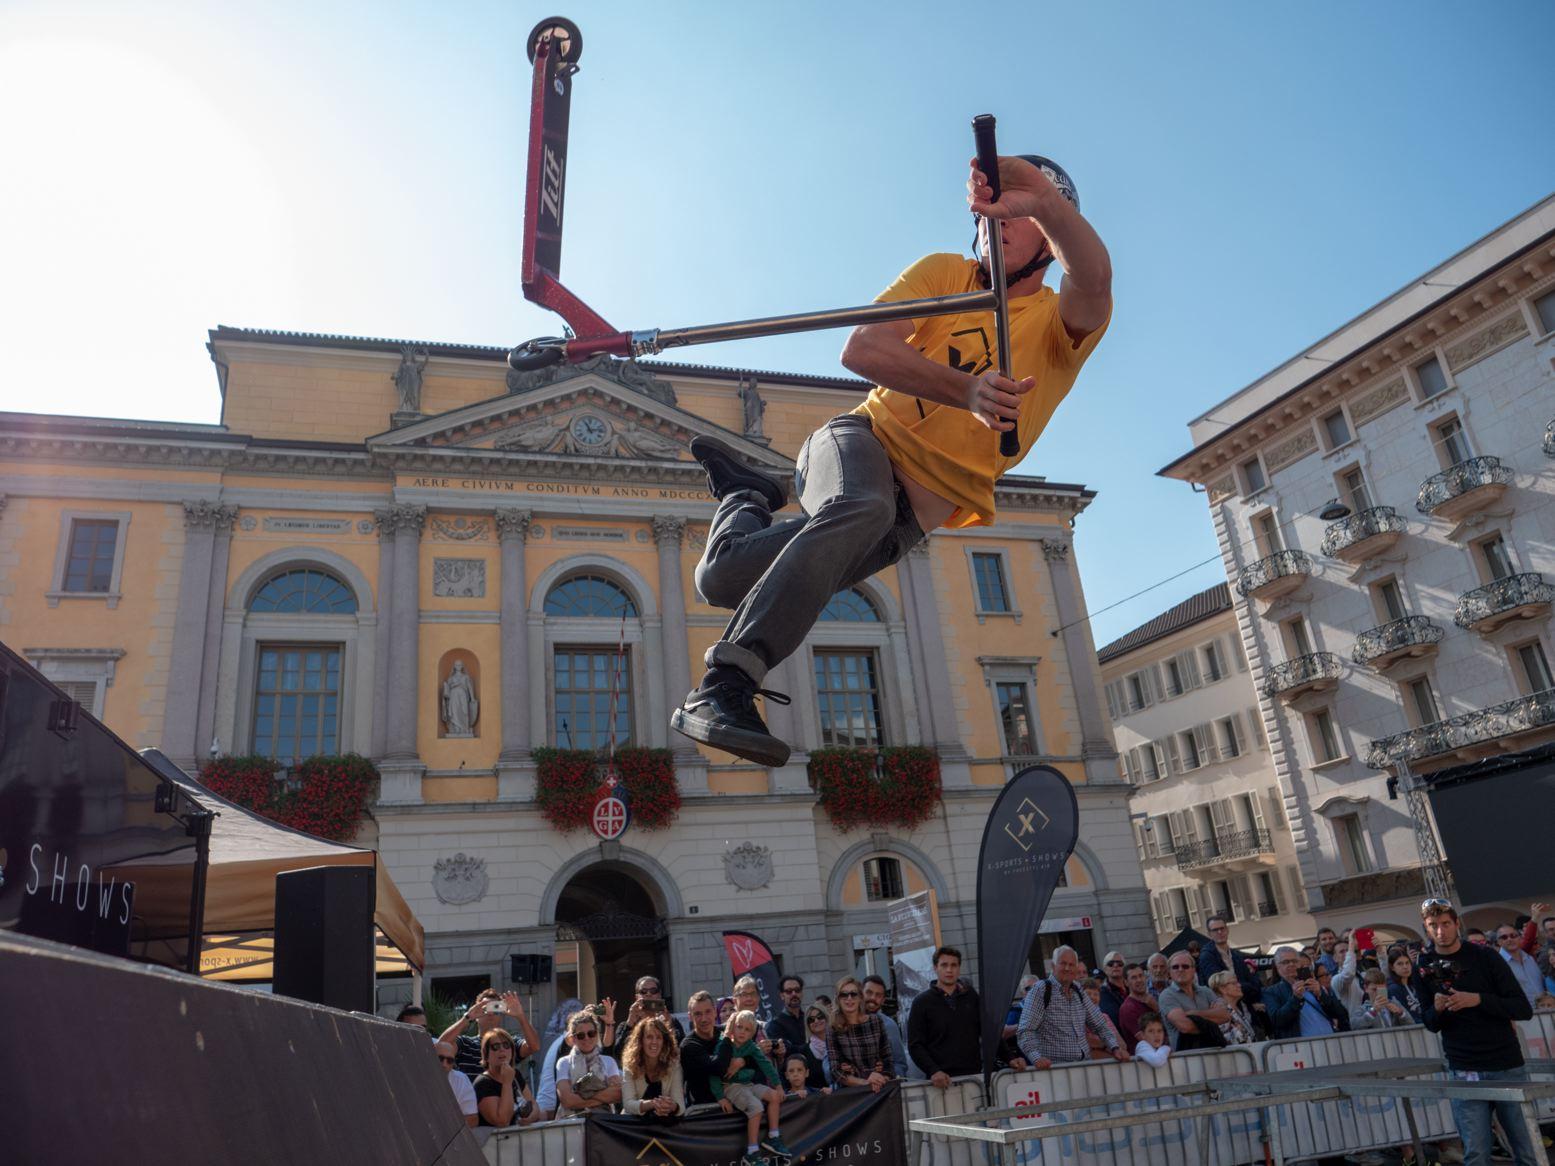 Shows février 2020 - PortAventura - Ville de Nice - Retour sur Lugano